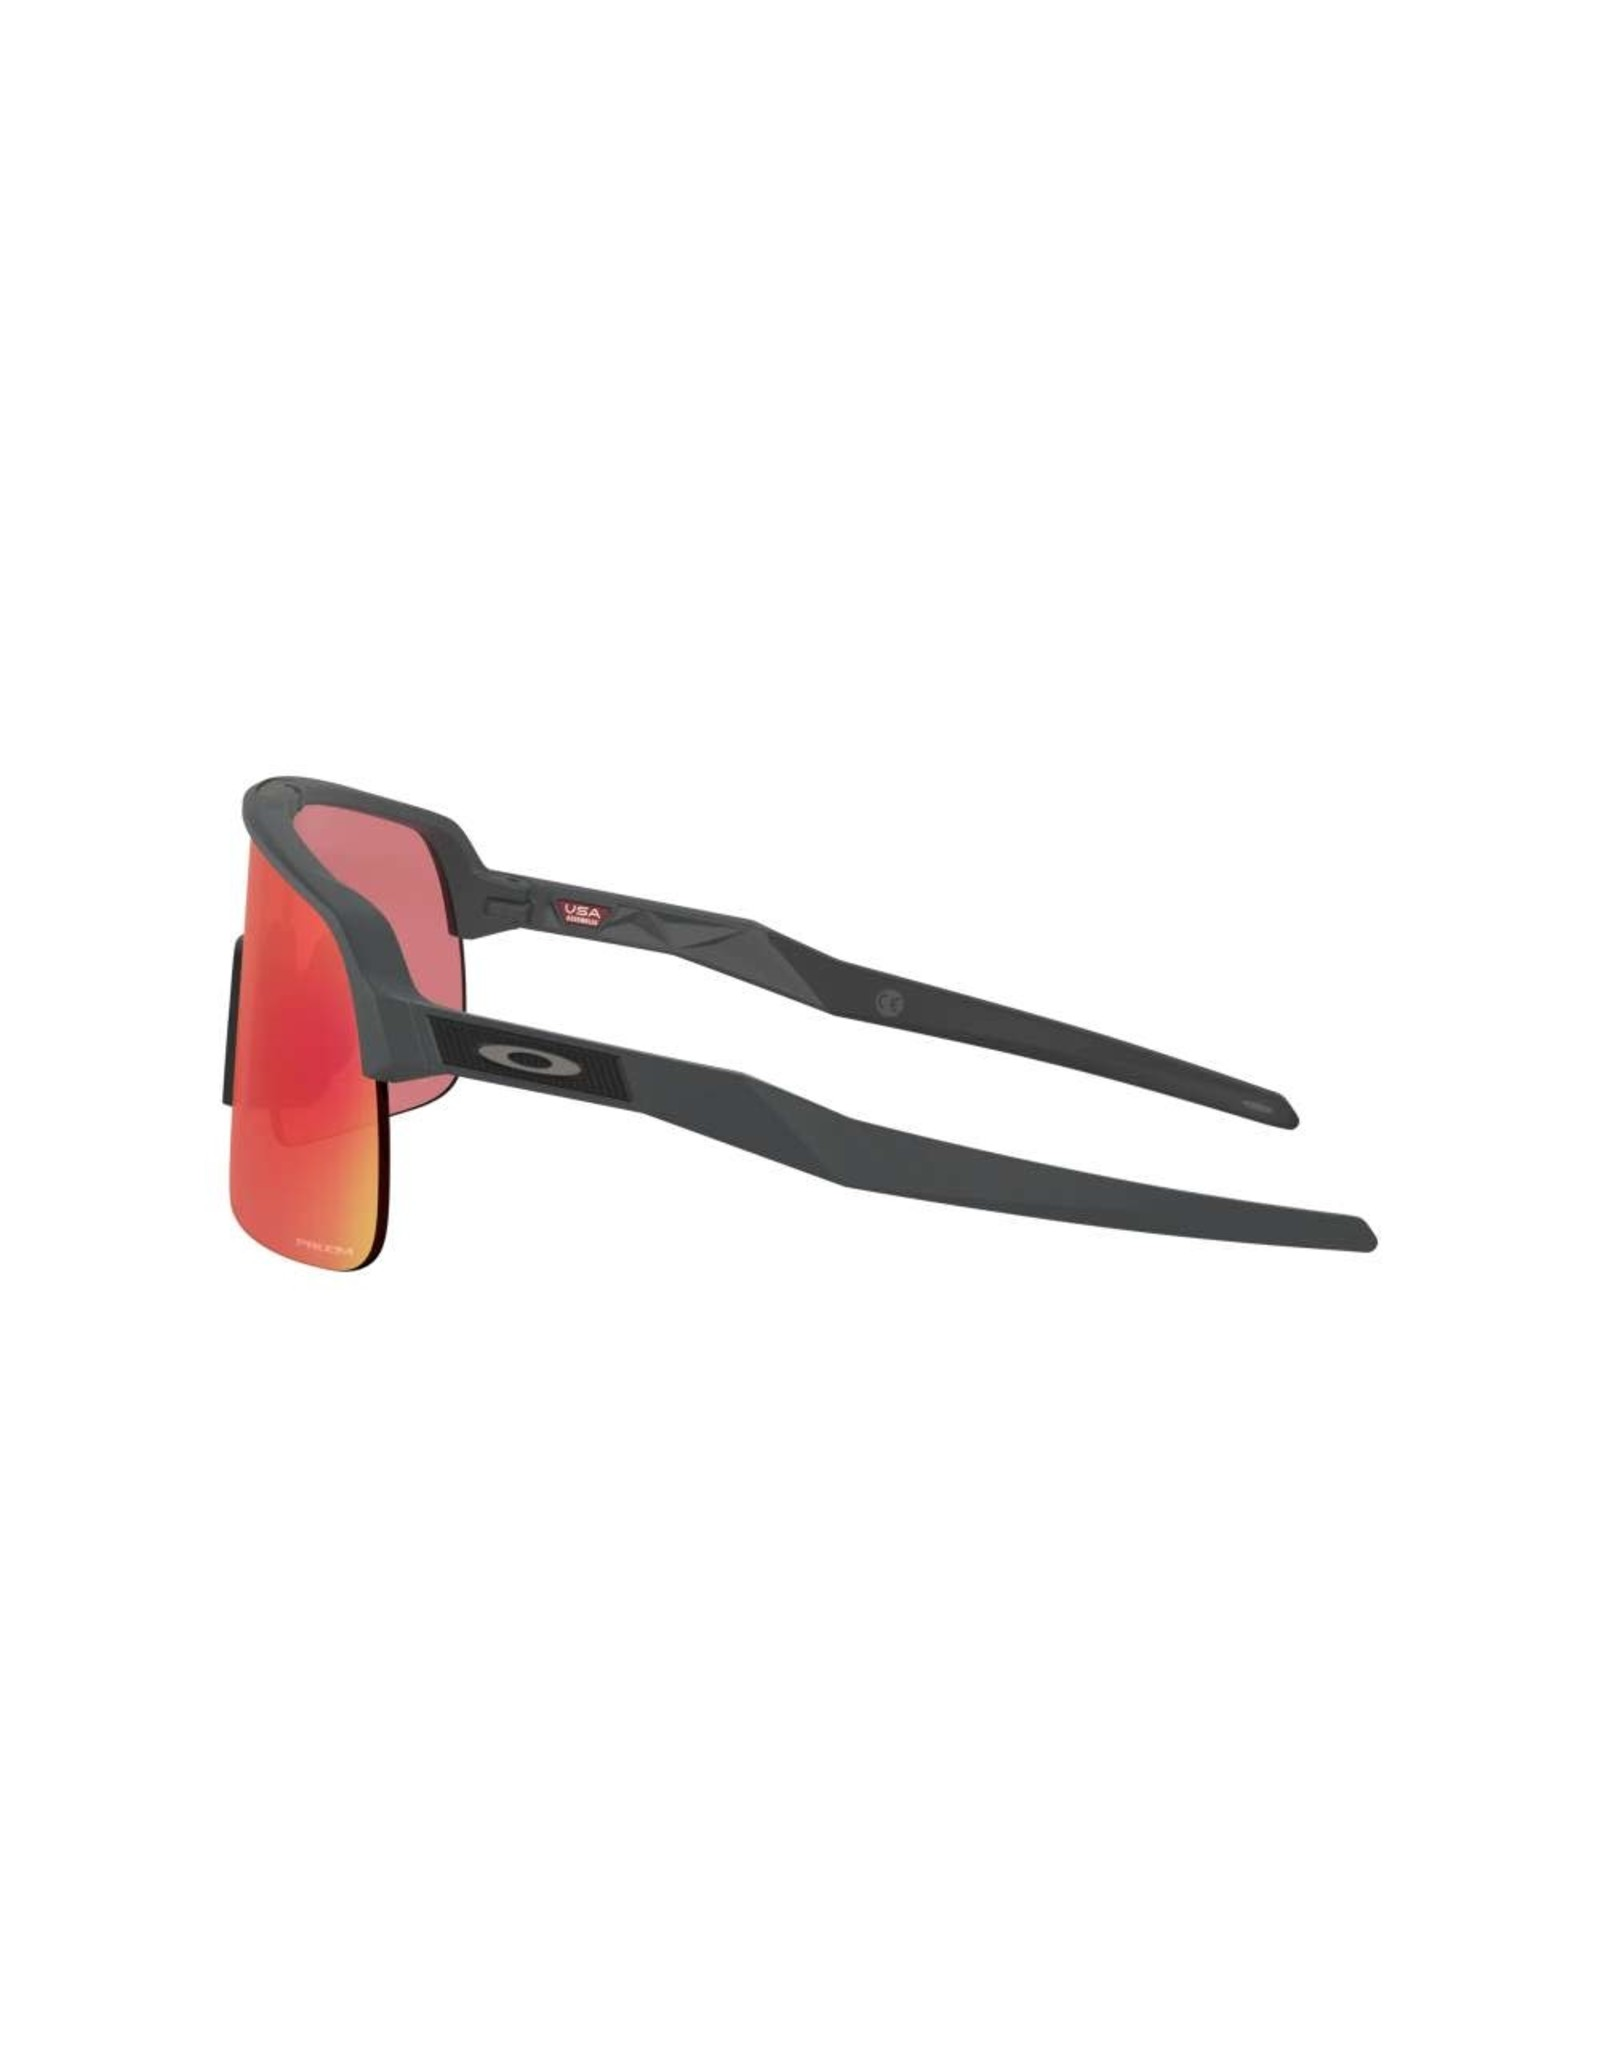 OAKLEY Oakley Sutro Lite matte carbon w prizm trail torch sunglasses